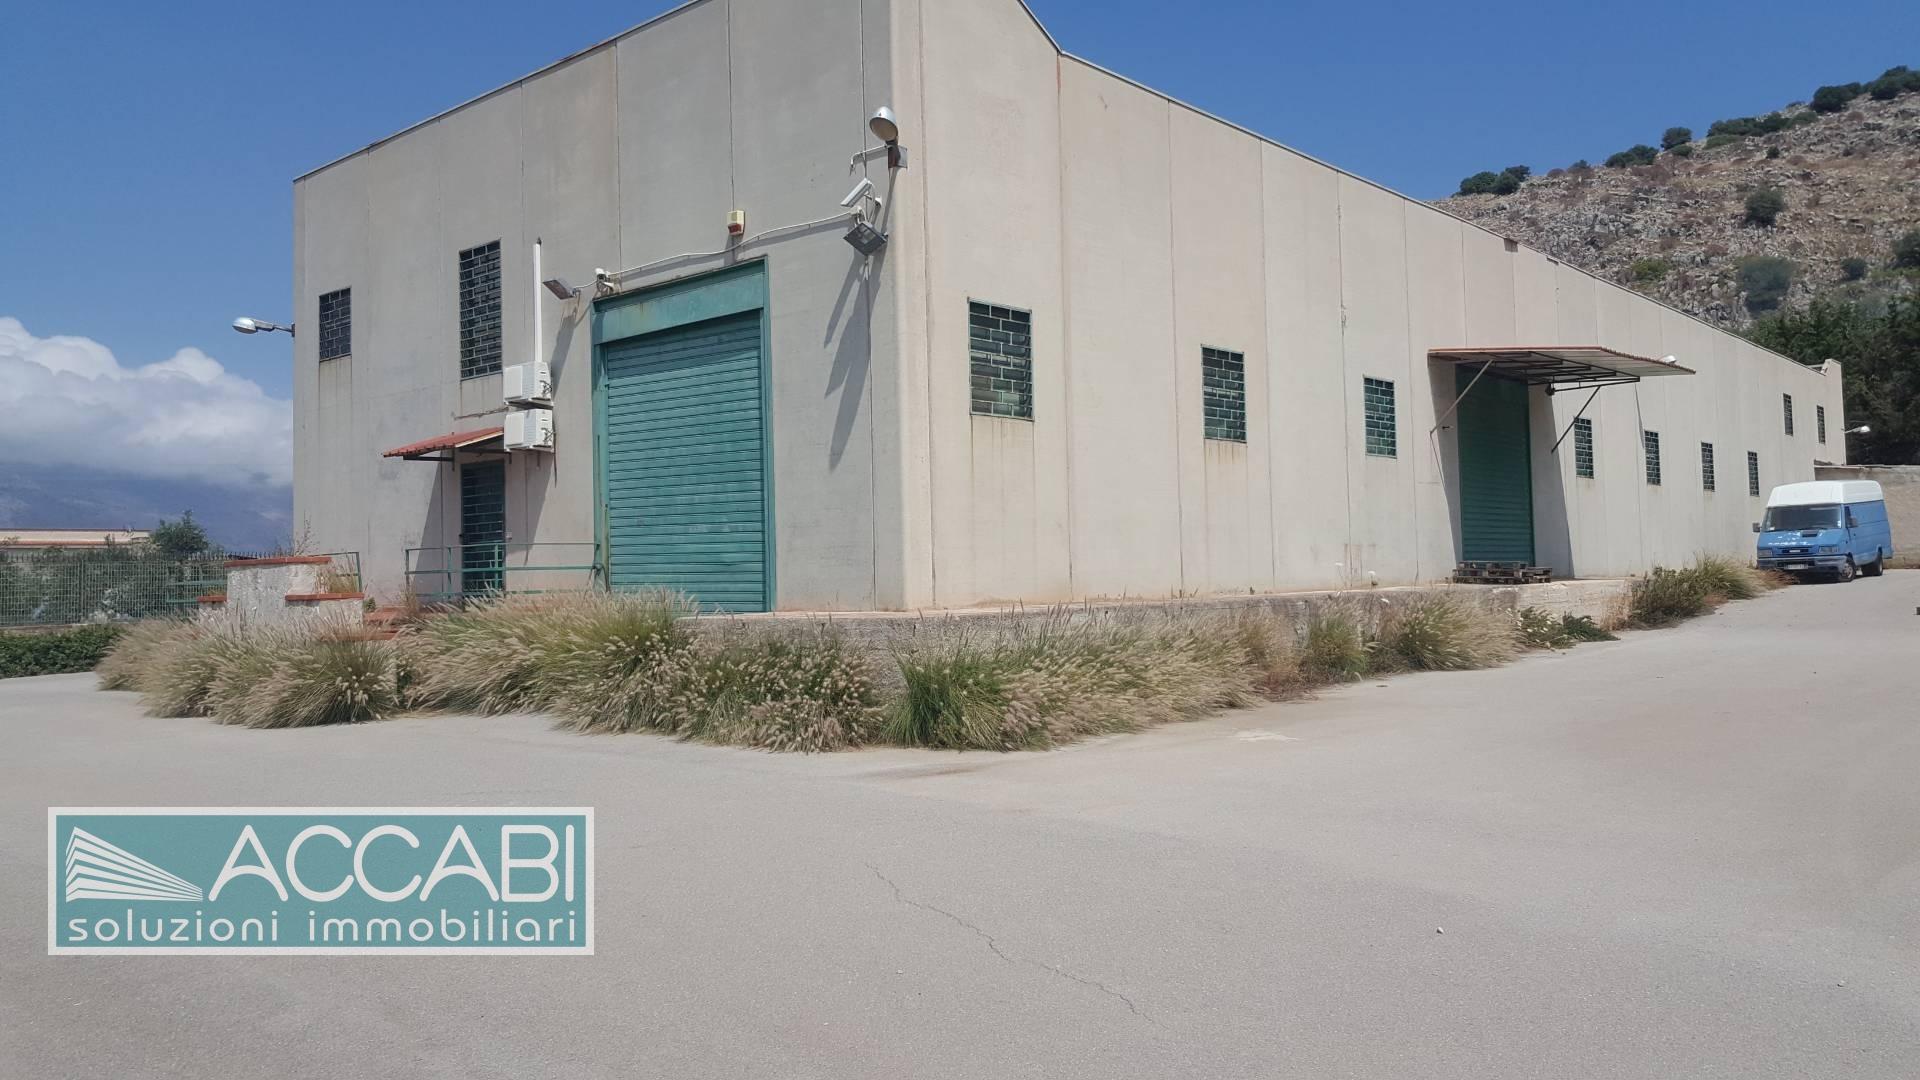 Capannone in vendita a Torretta, 9999 locali, prezzo € 500.000 | CambioCasa.it